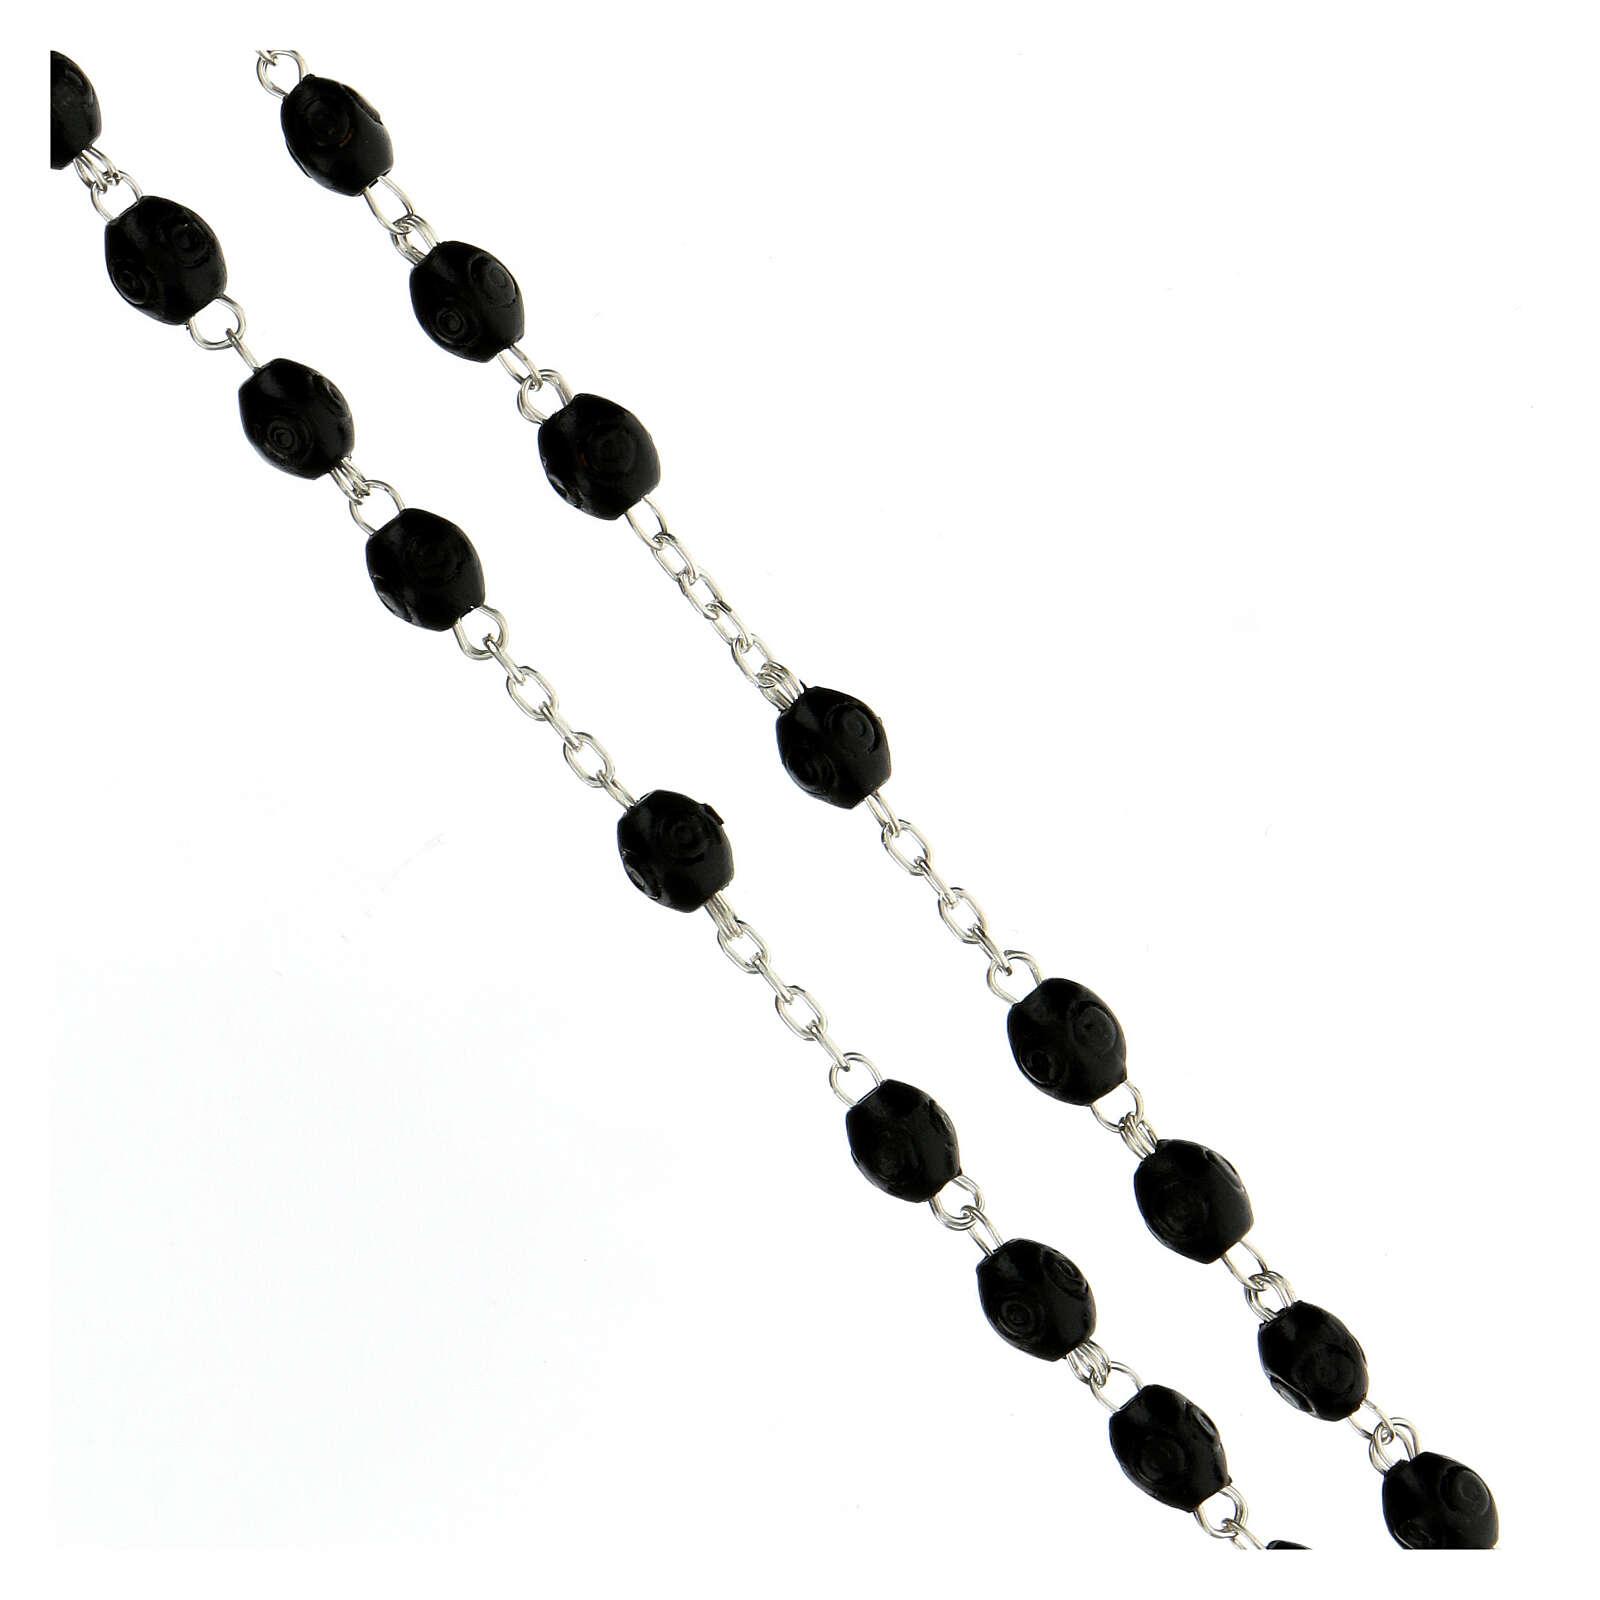 Rosario argento 925 croce tubolare grani ovali legno nero 8x6 mm 4